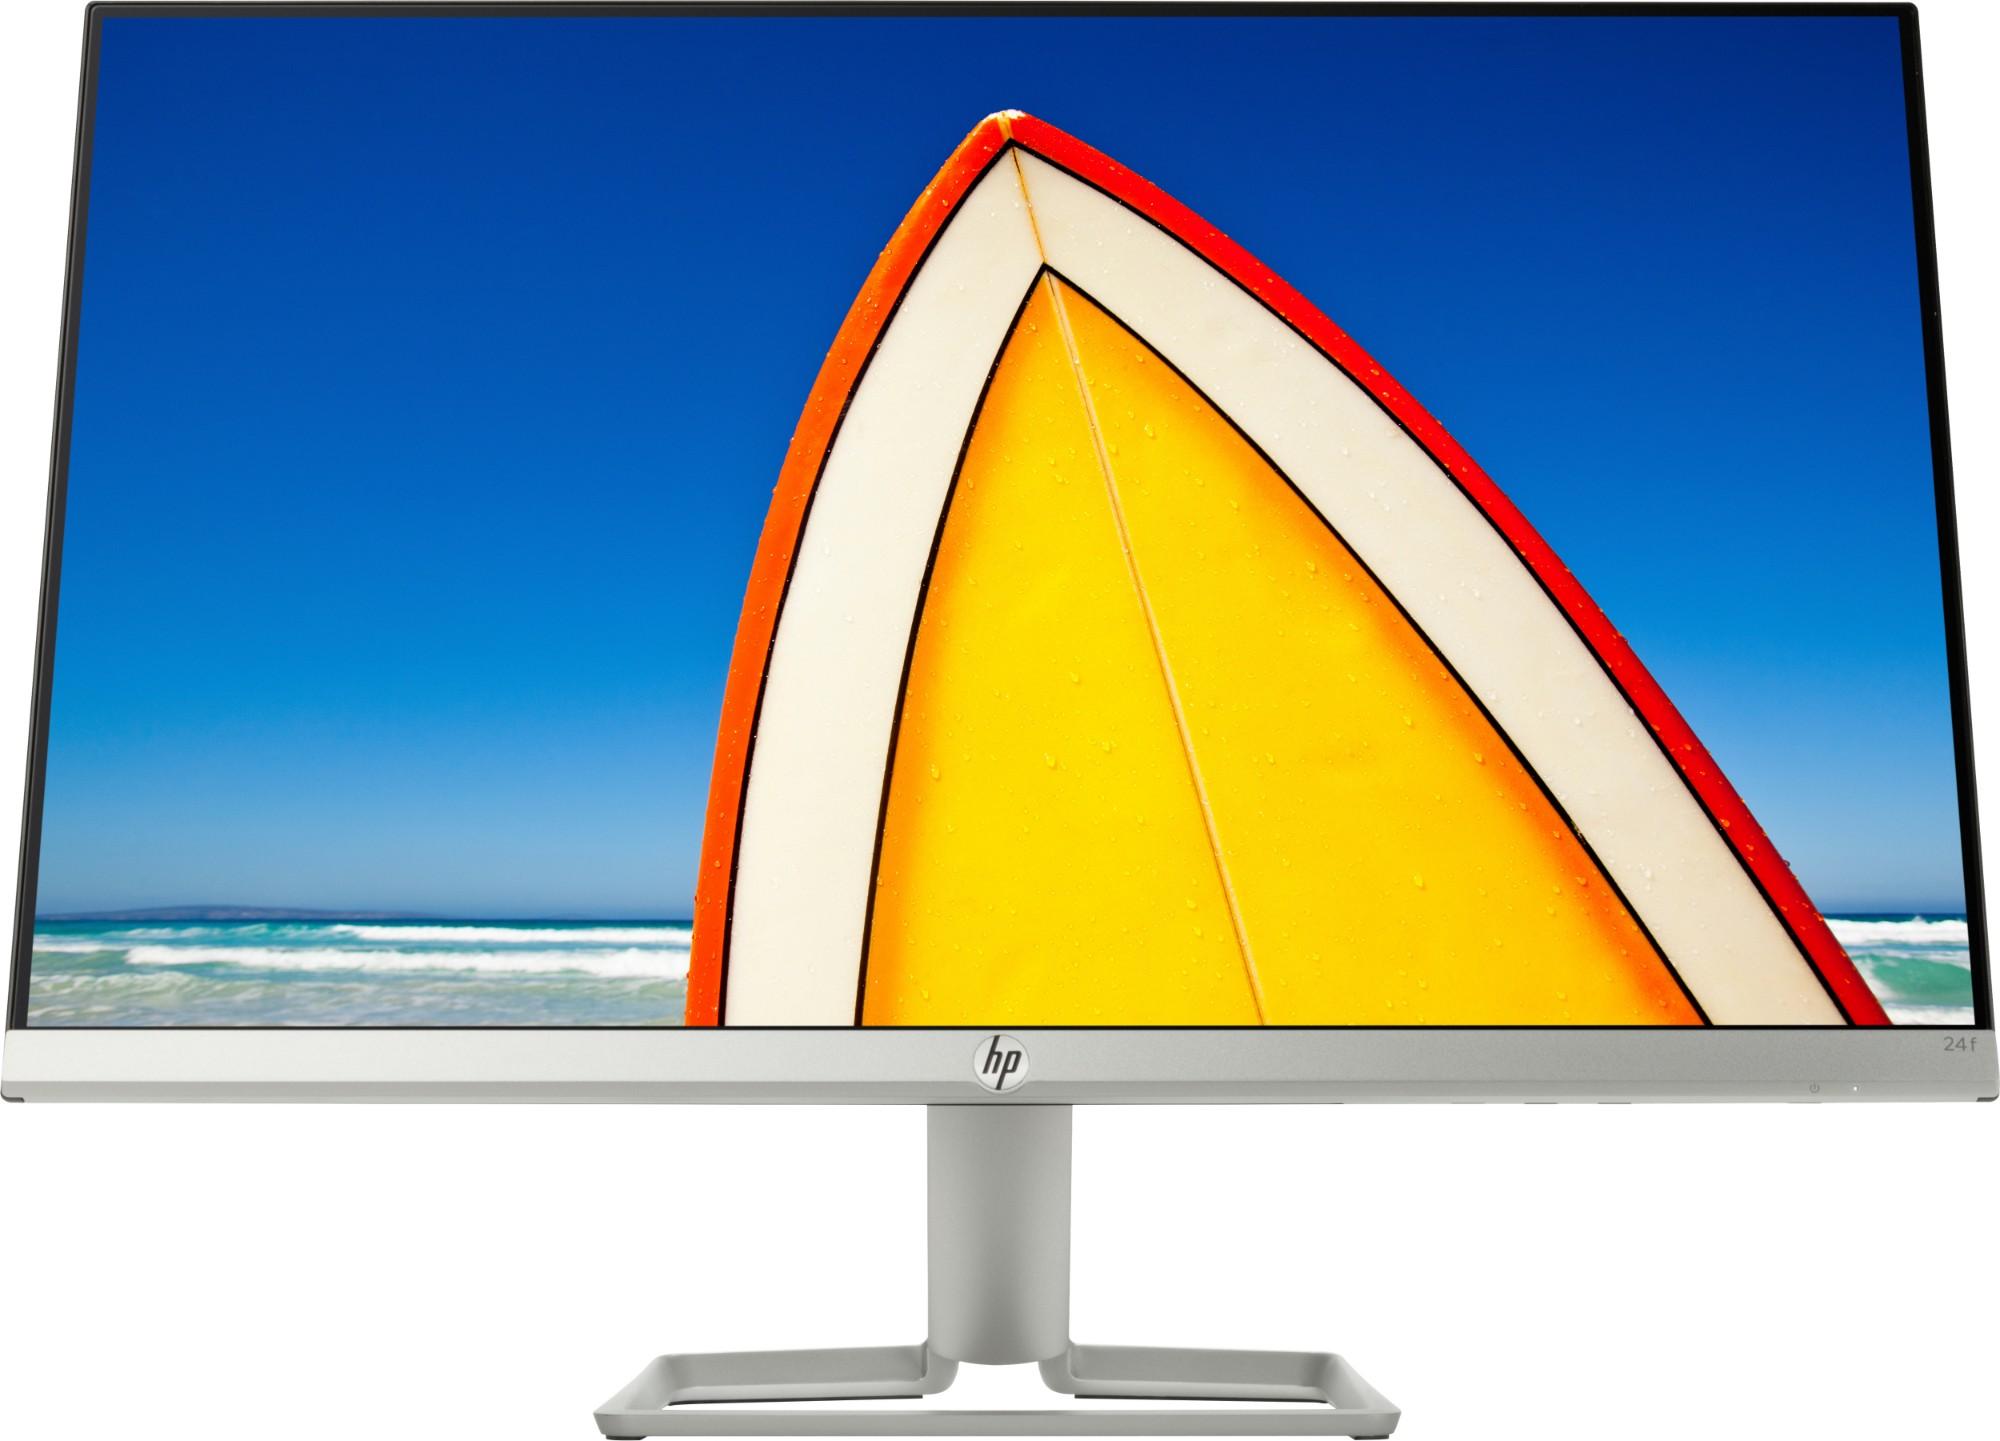 """HP 24f LED display 60.5 cm (23.8"""") 1920 x 1080 pixels Full HD Flat Silver"""